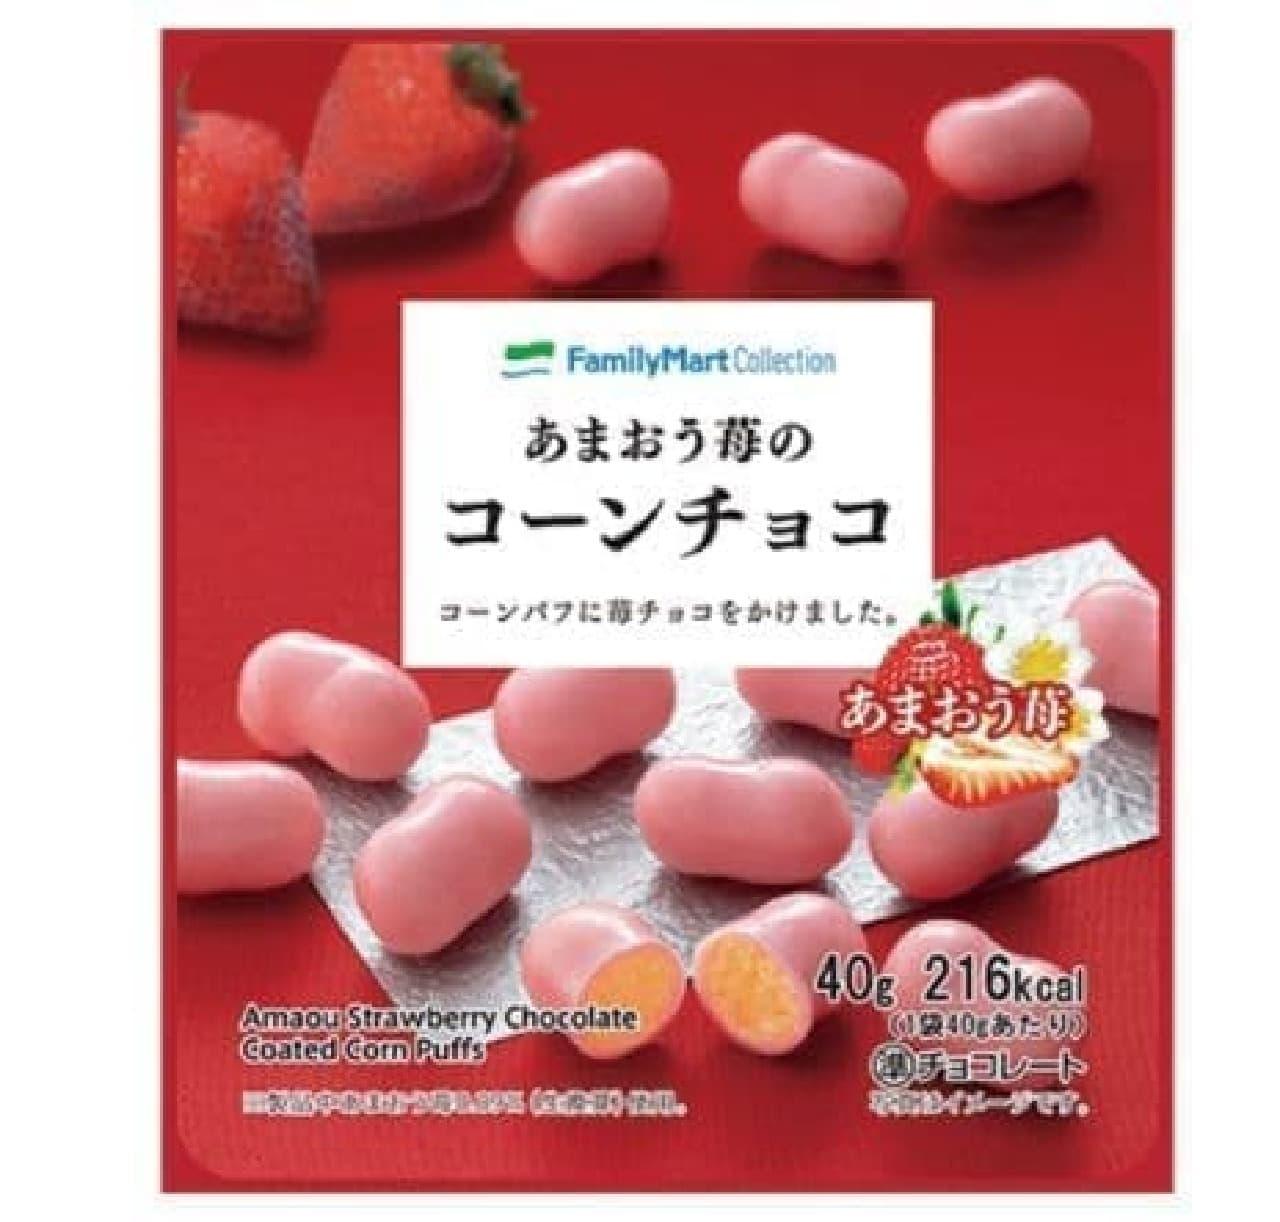 ファミリーマート「あまおう苺のコーンチョコ」